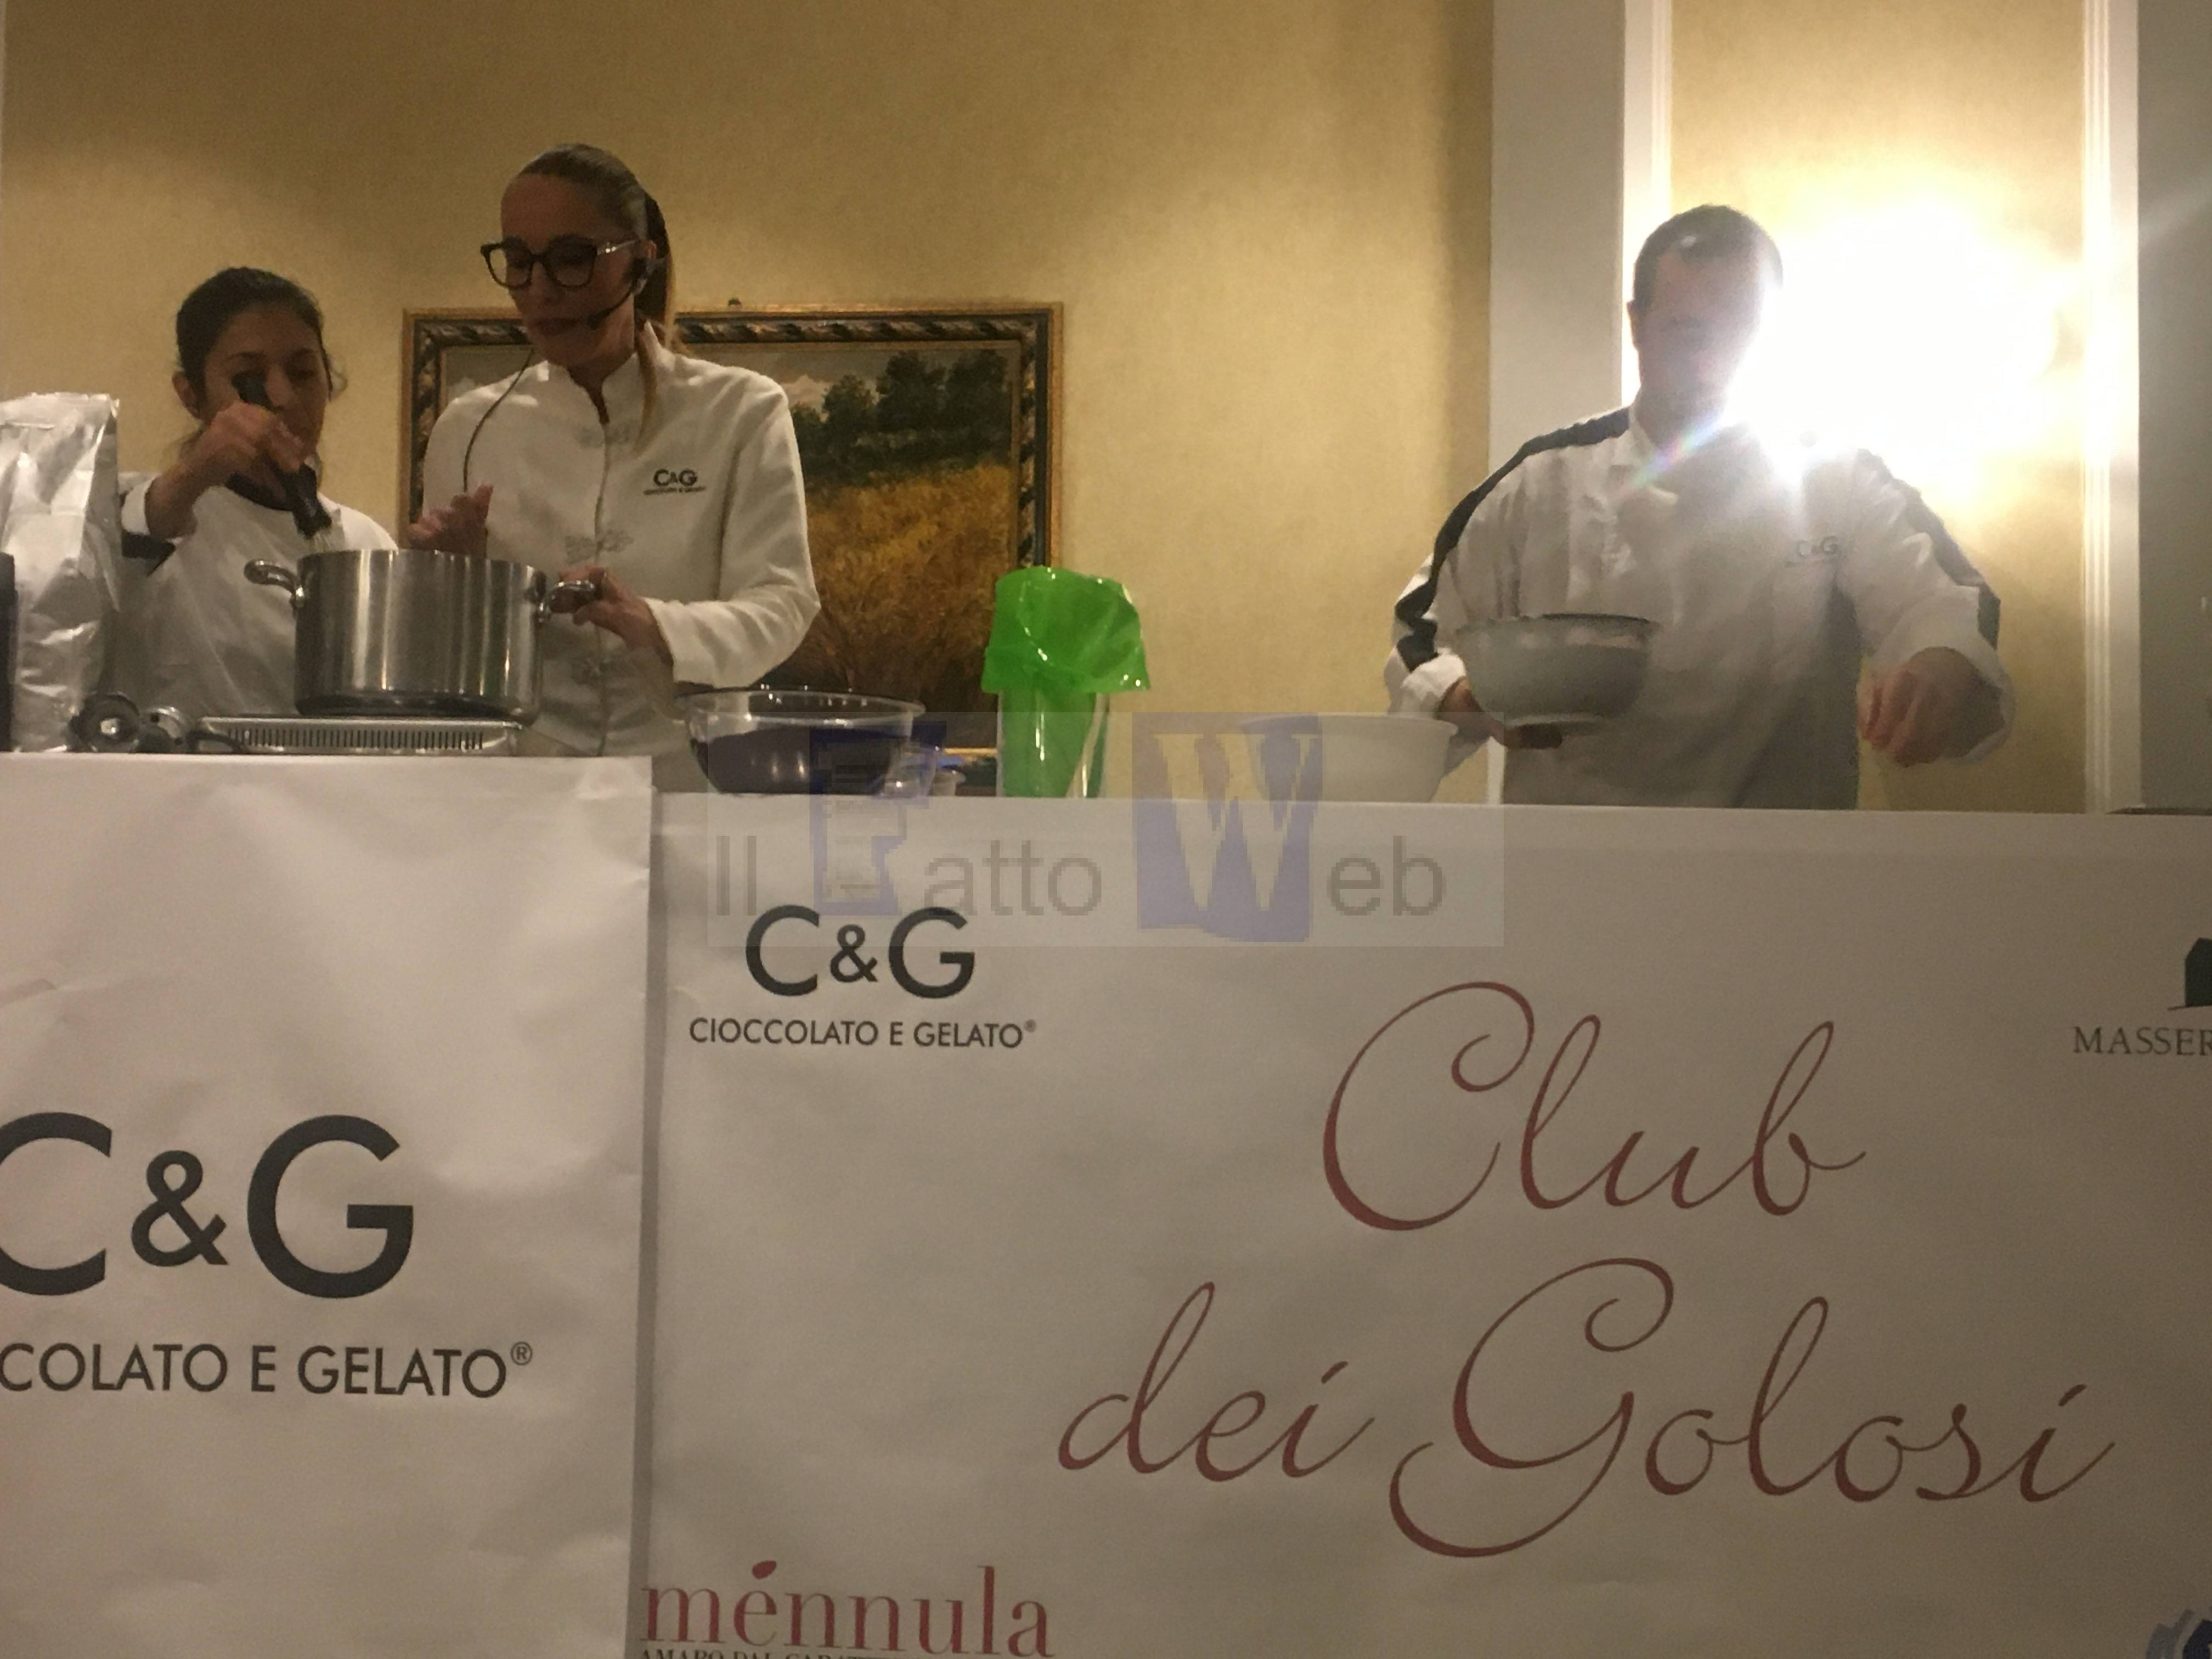 C&G e Masseria Carminello presentano il panettone salato